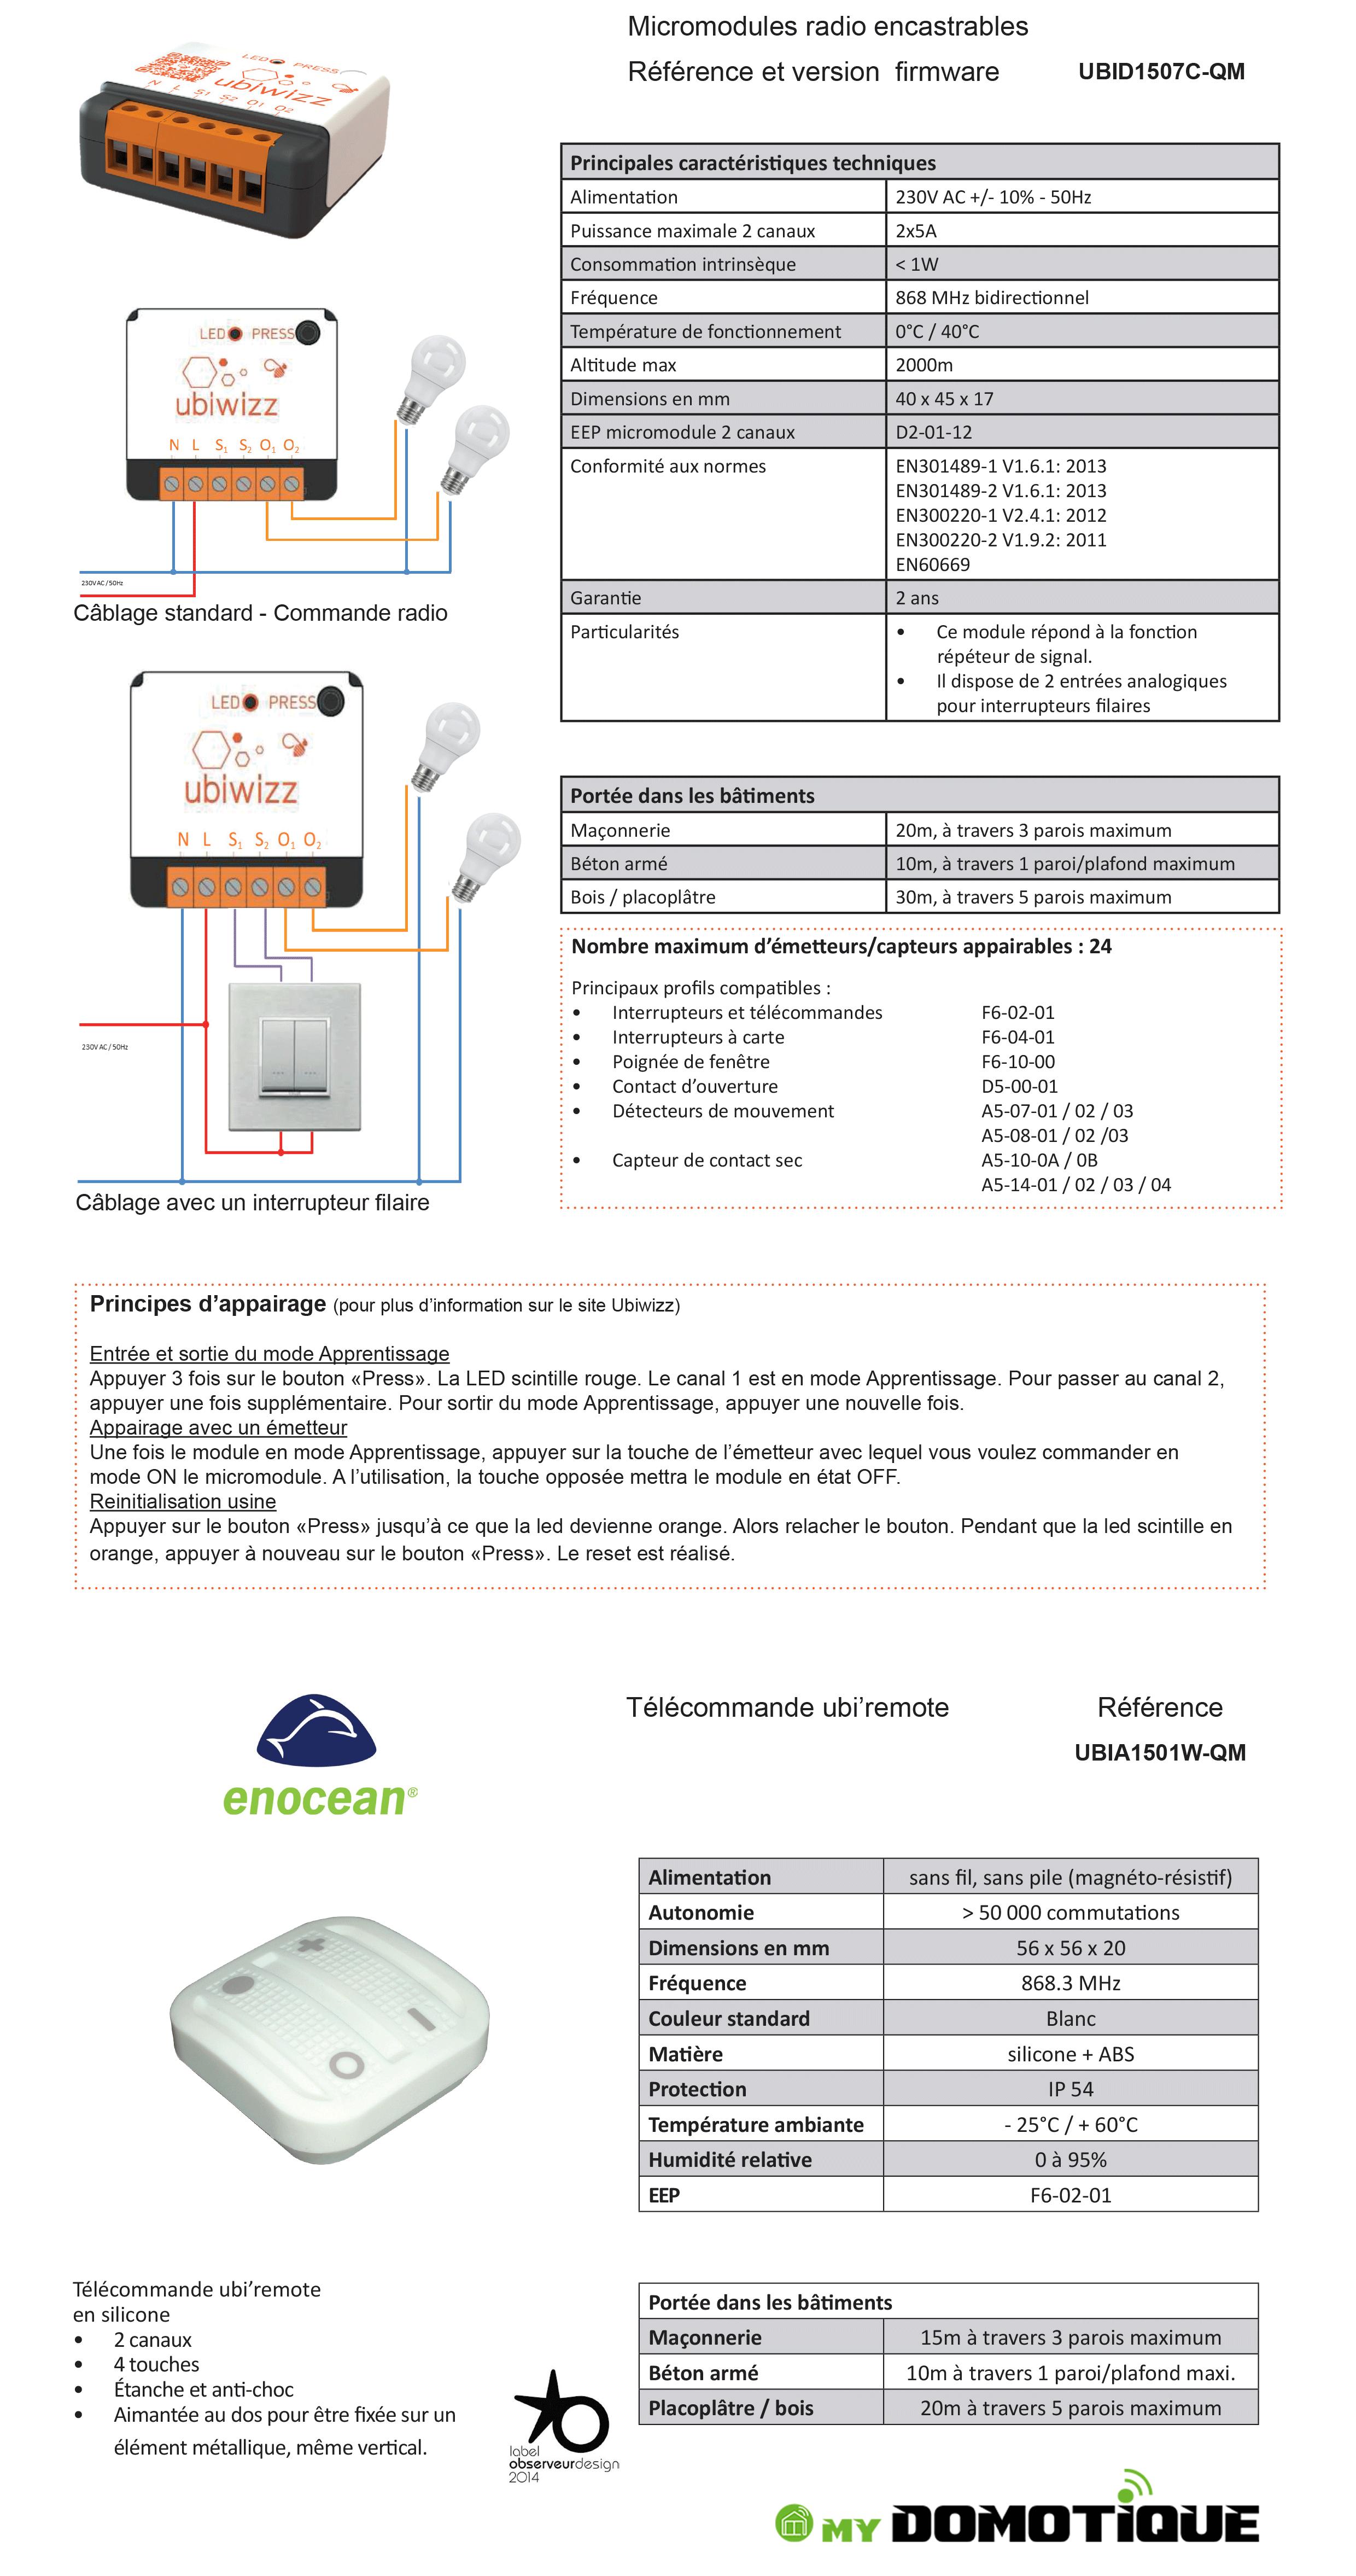 UBID1507C-QM.png